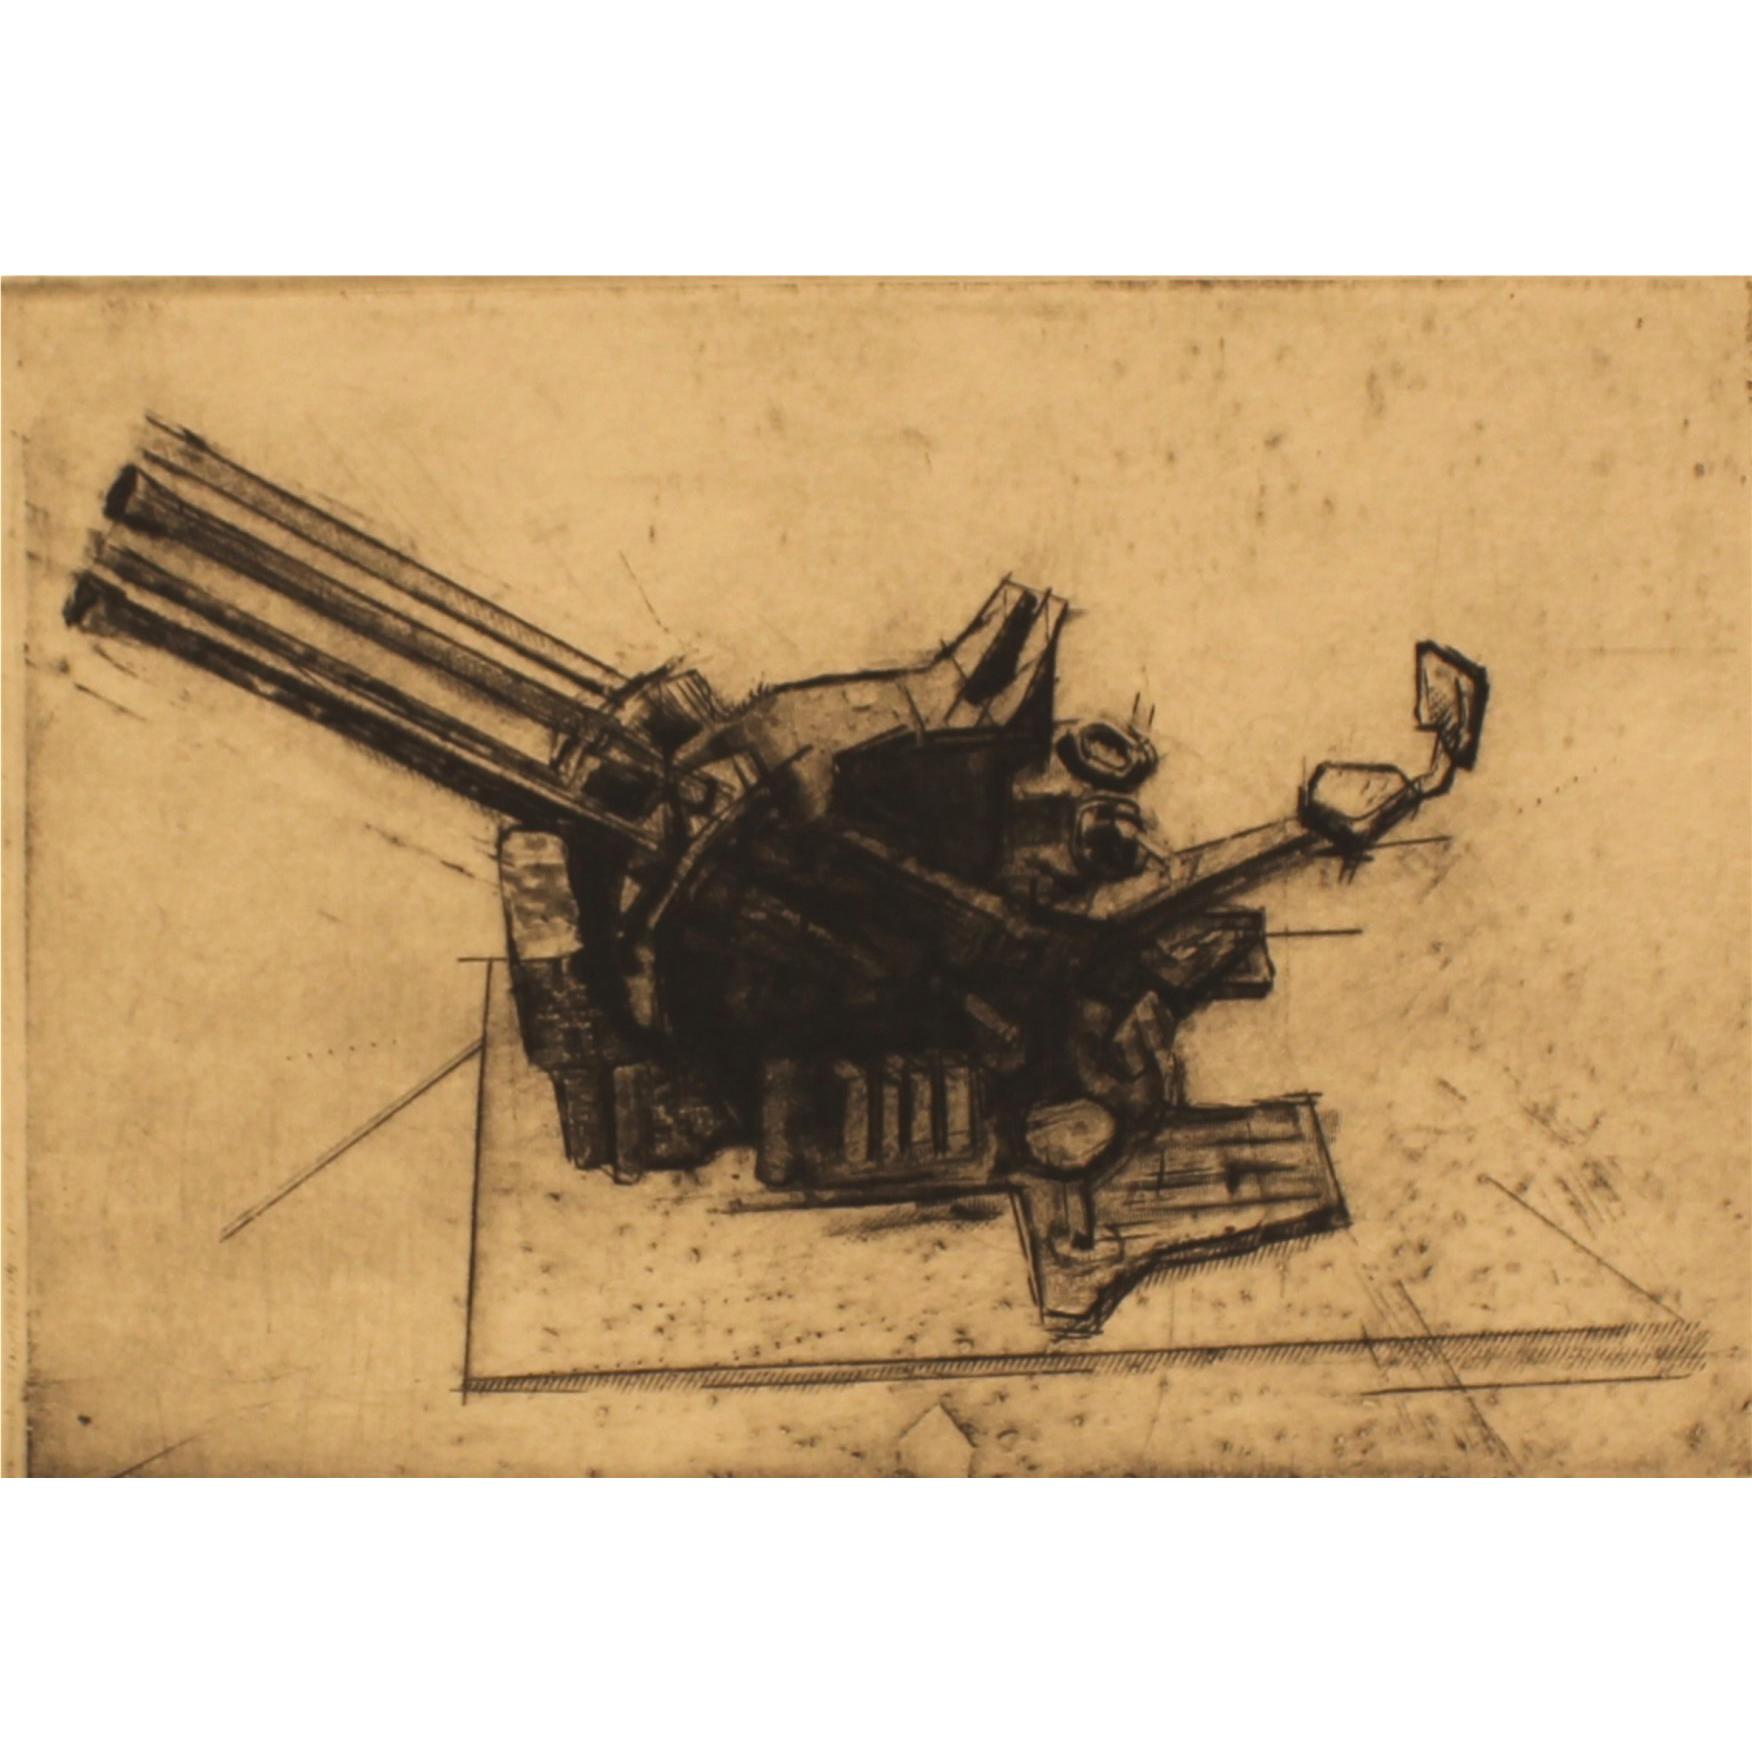 Todd Tremeer, Flak Gun, 2016, engraving & etching